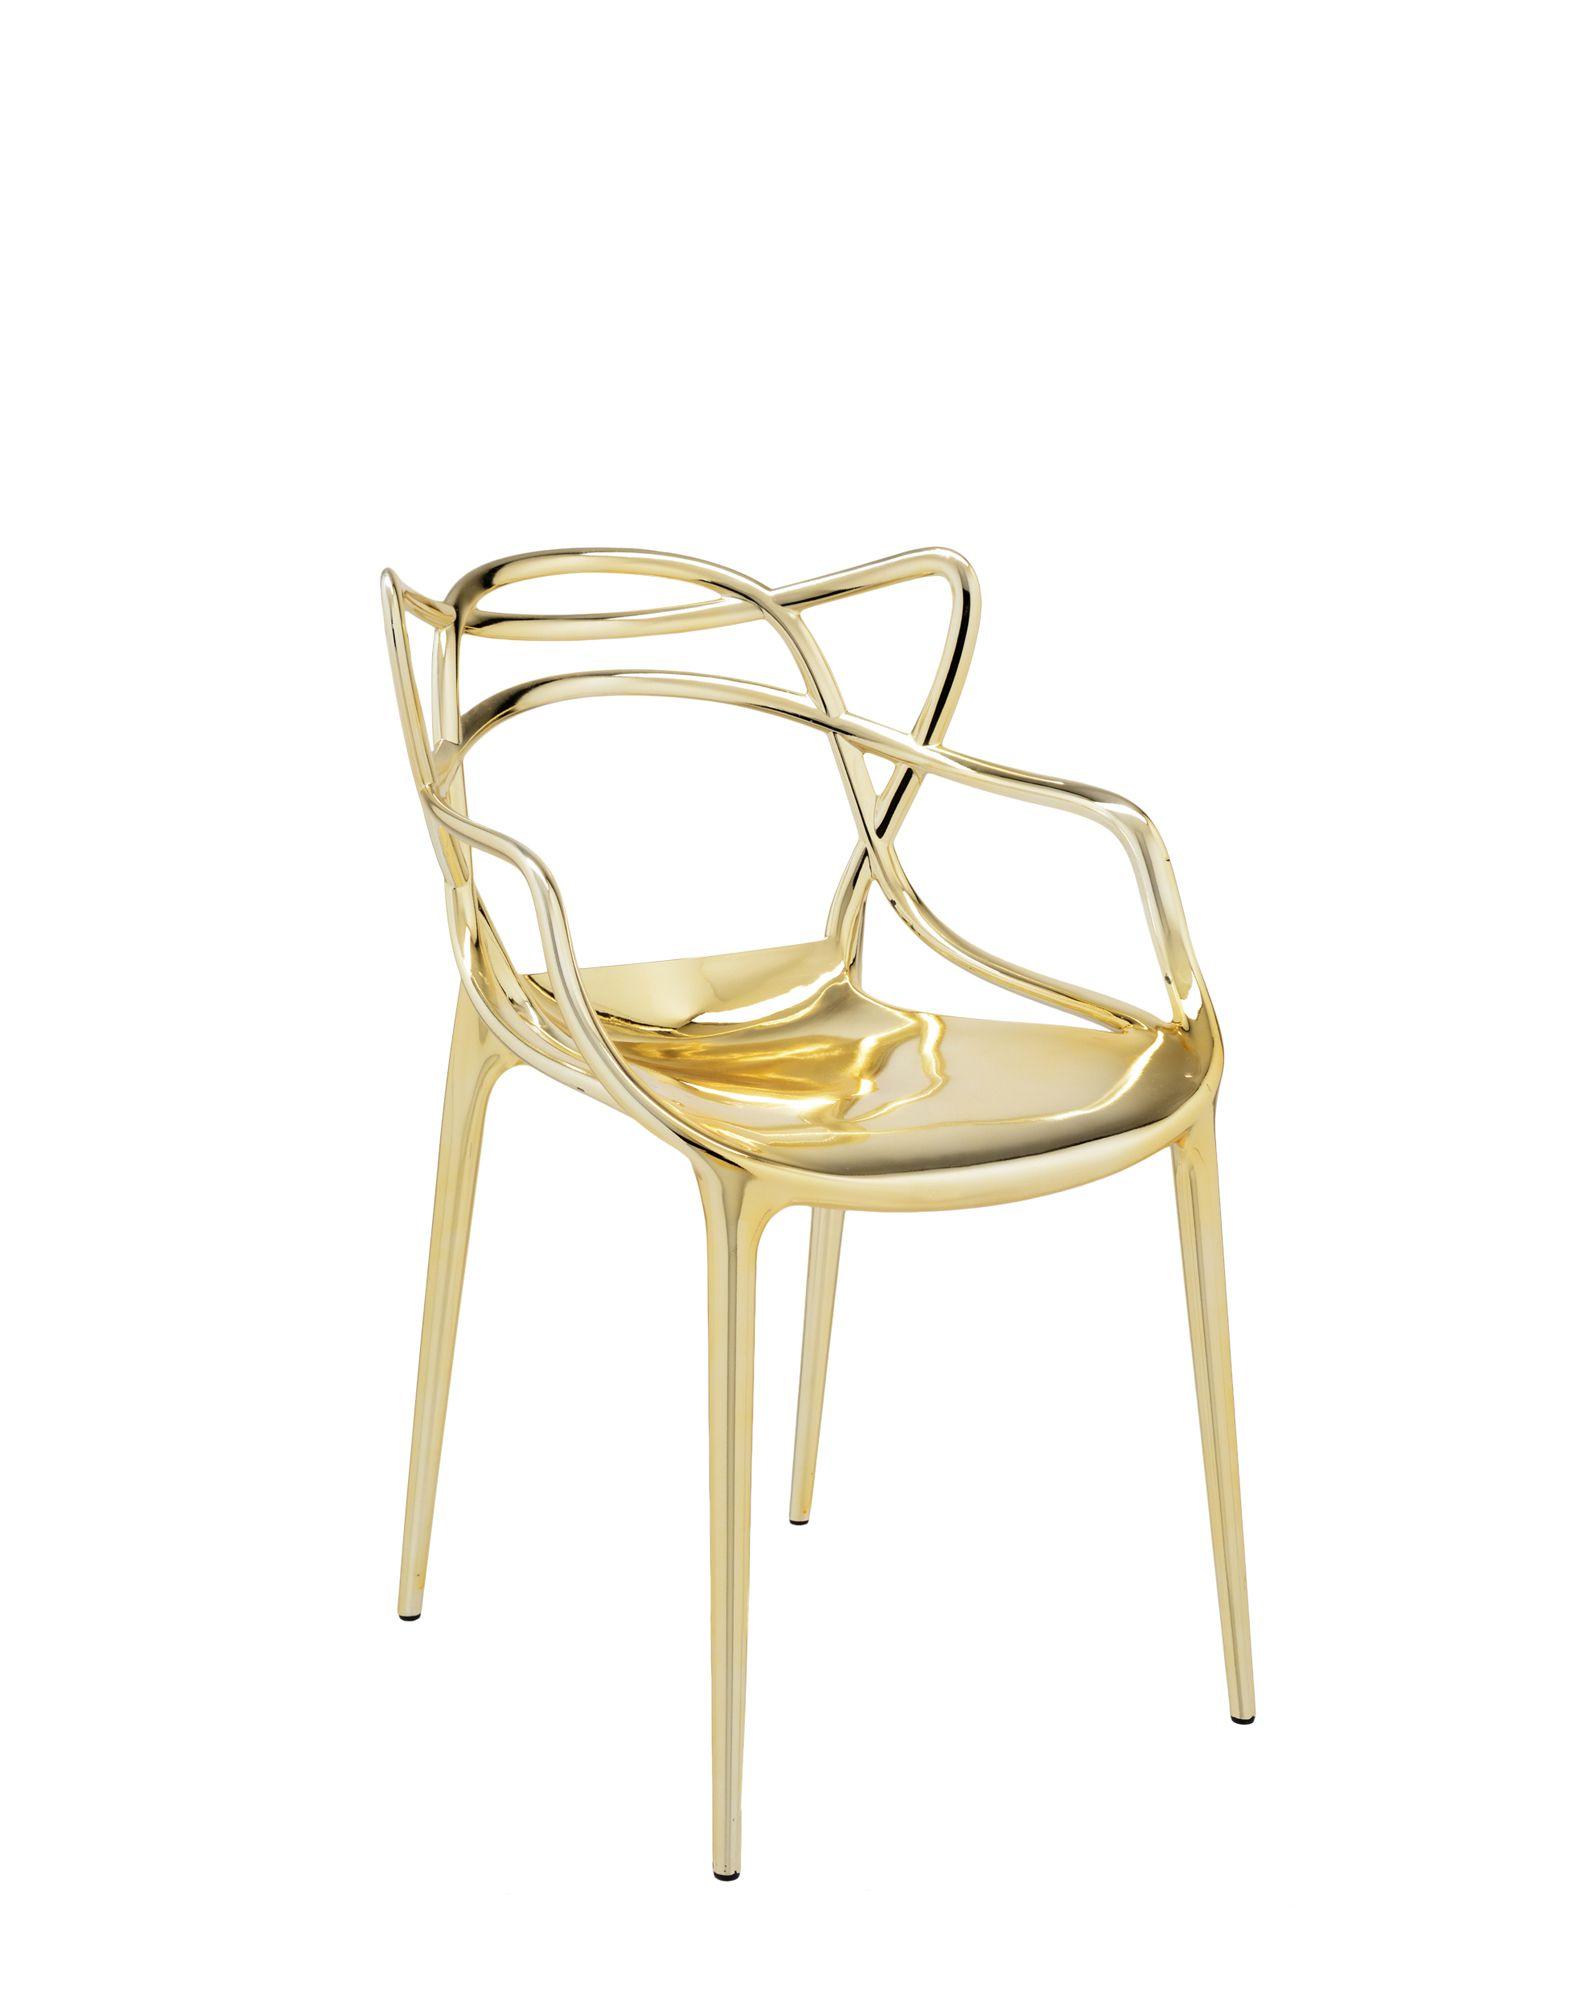 Kartell masters oro sedie sedie design sedie moderne for Sedie masters kartell scontate